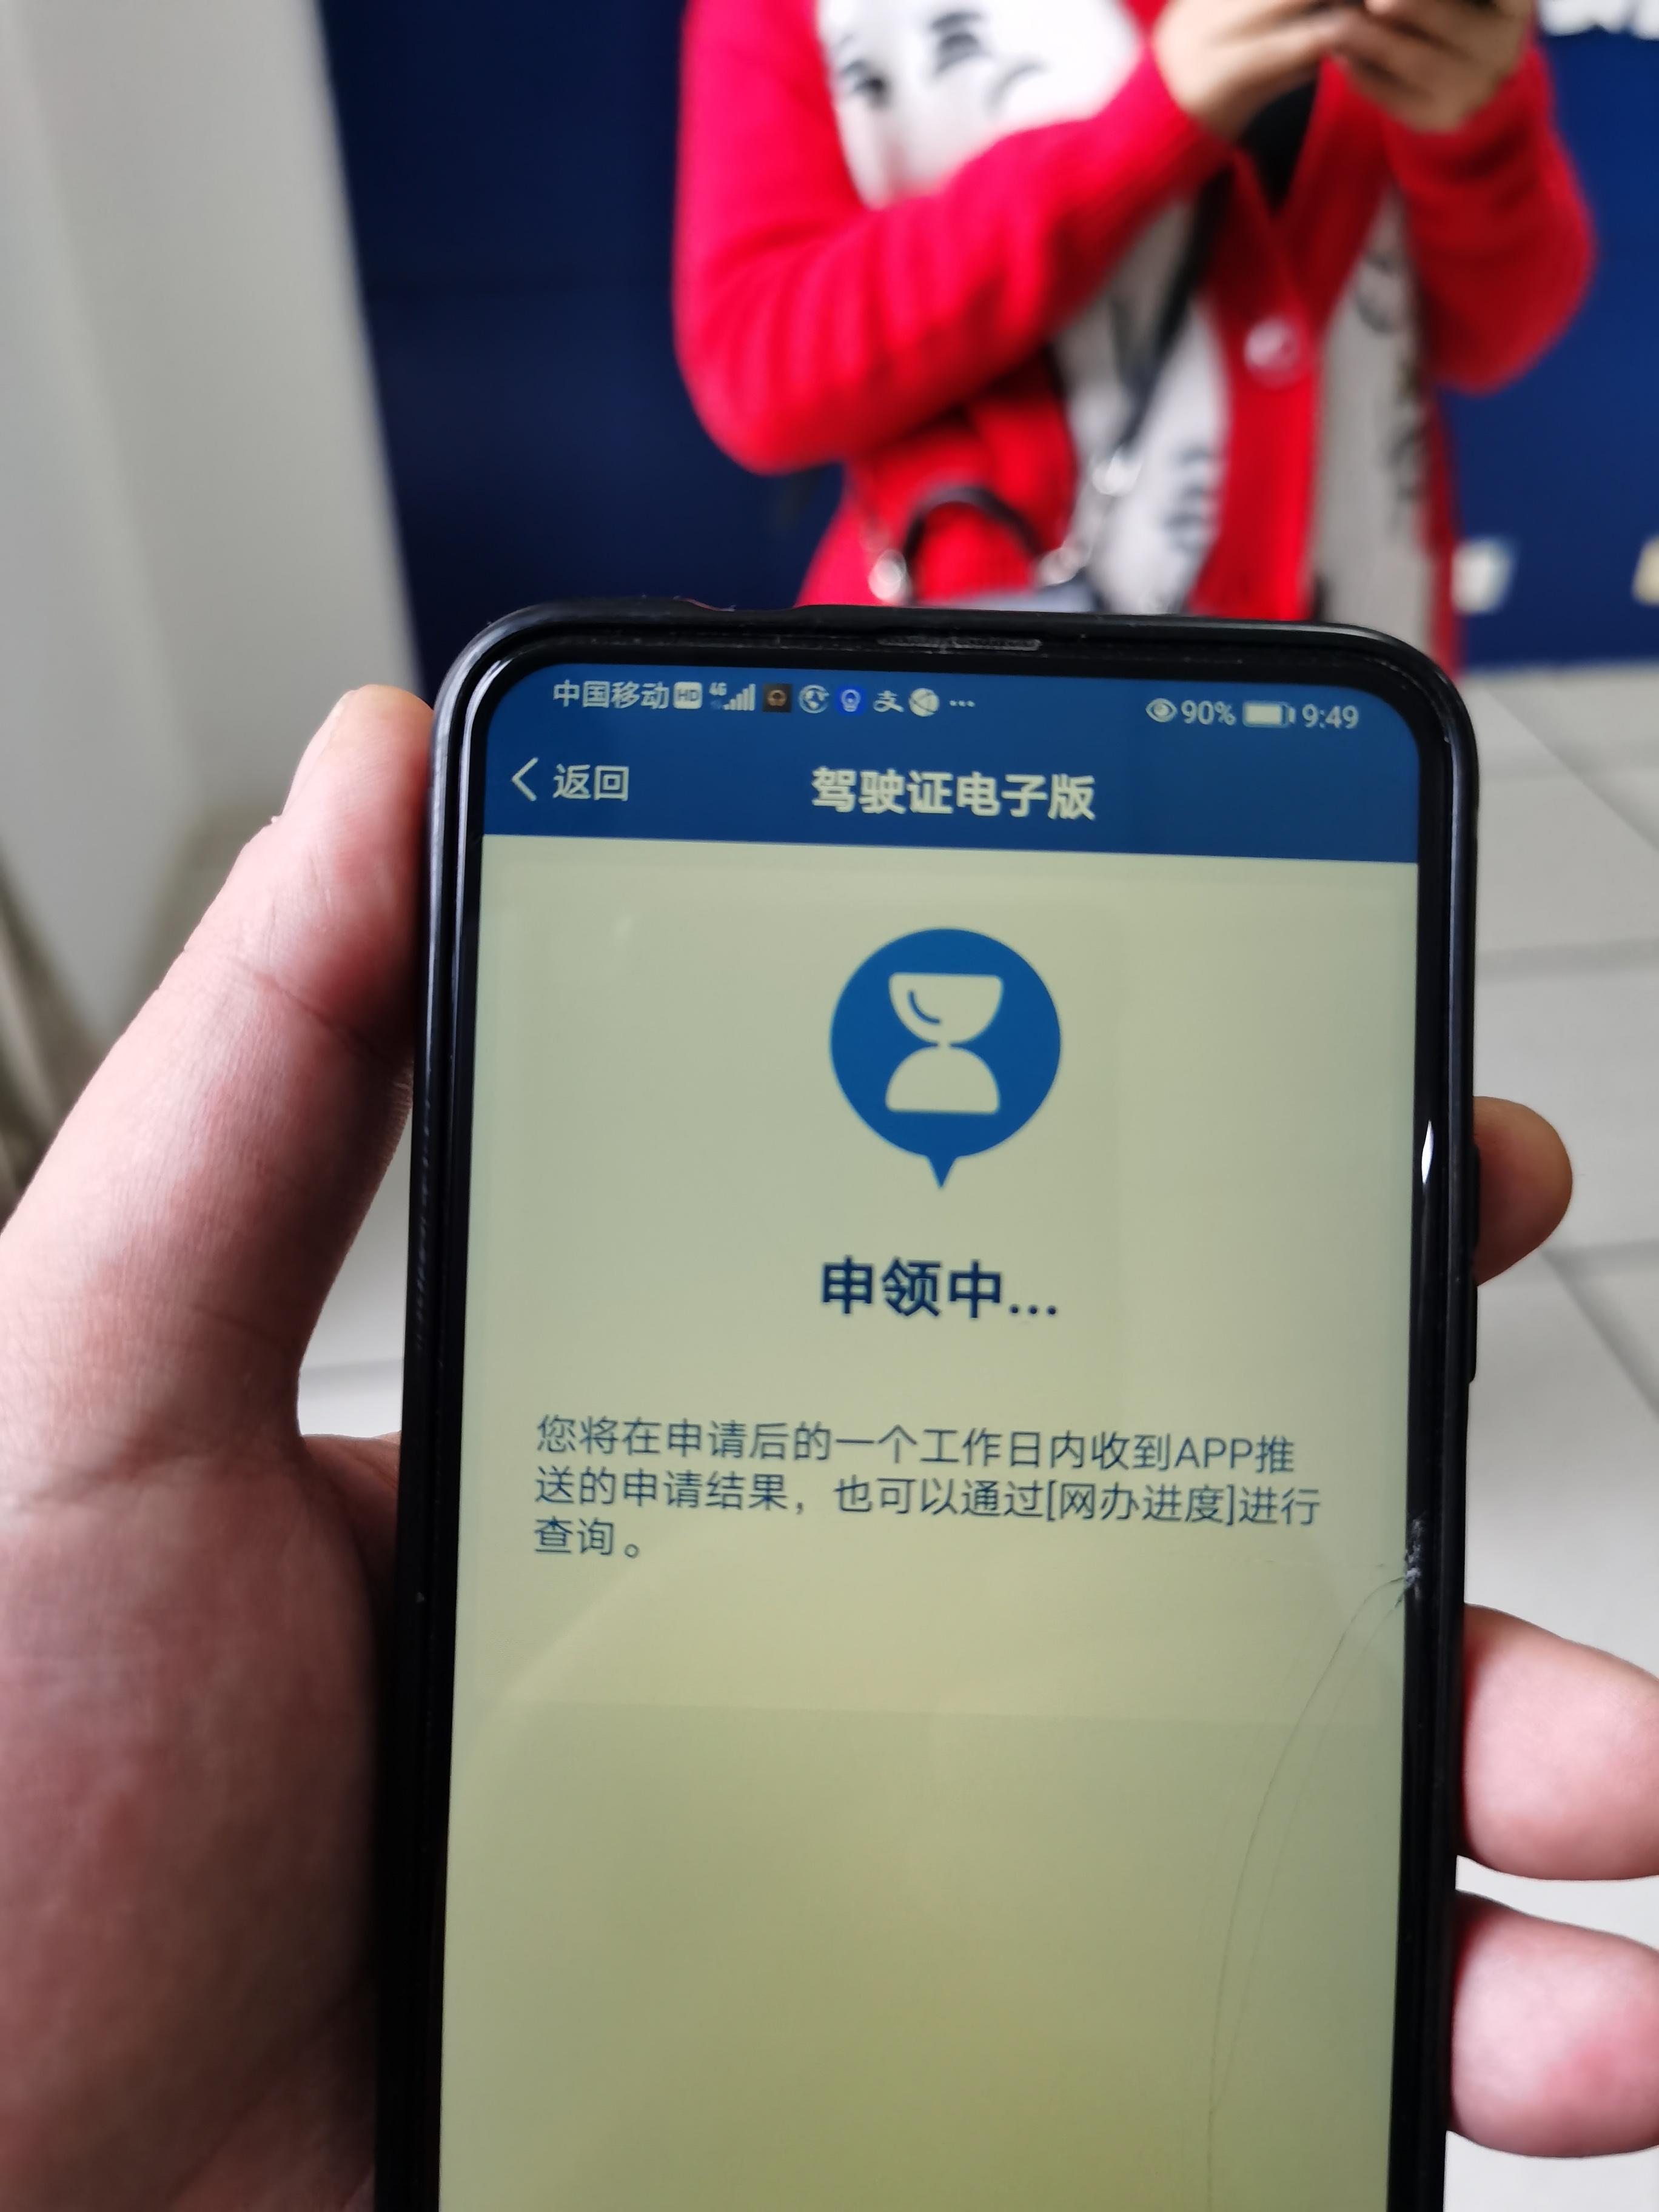 郑州交警提醒大家电子驾驶证申领注意这些问题:前10天是高峰莫扎堆_中原网视台